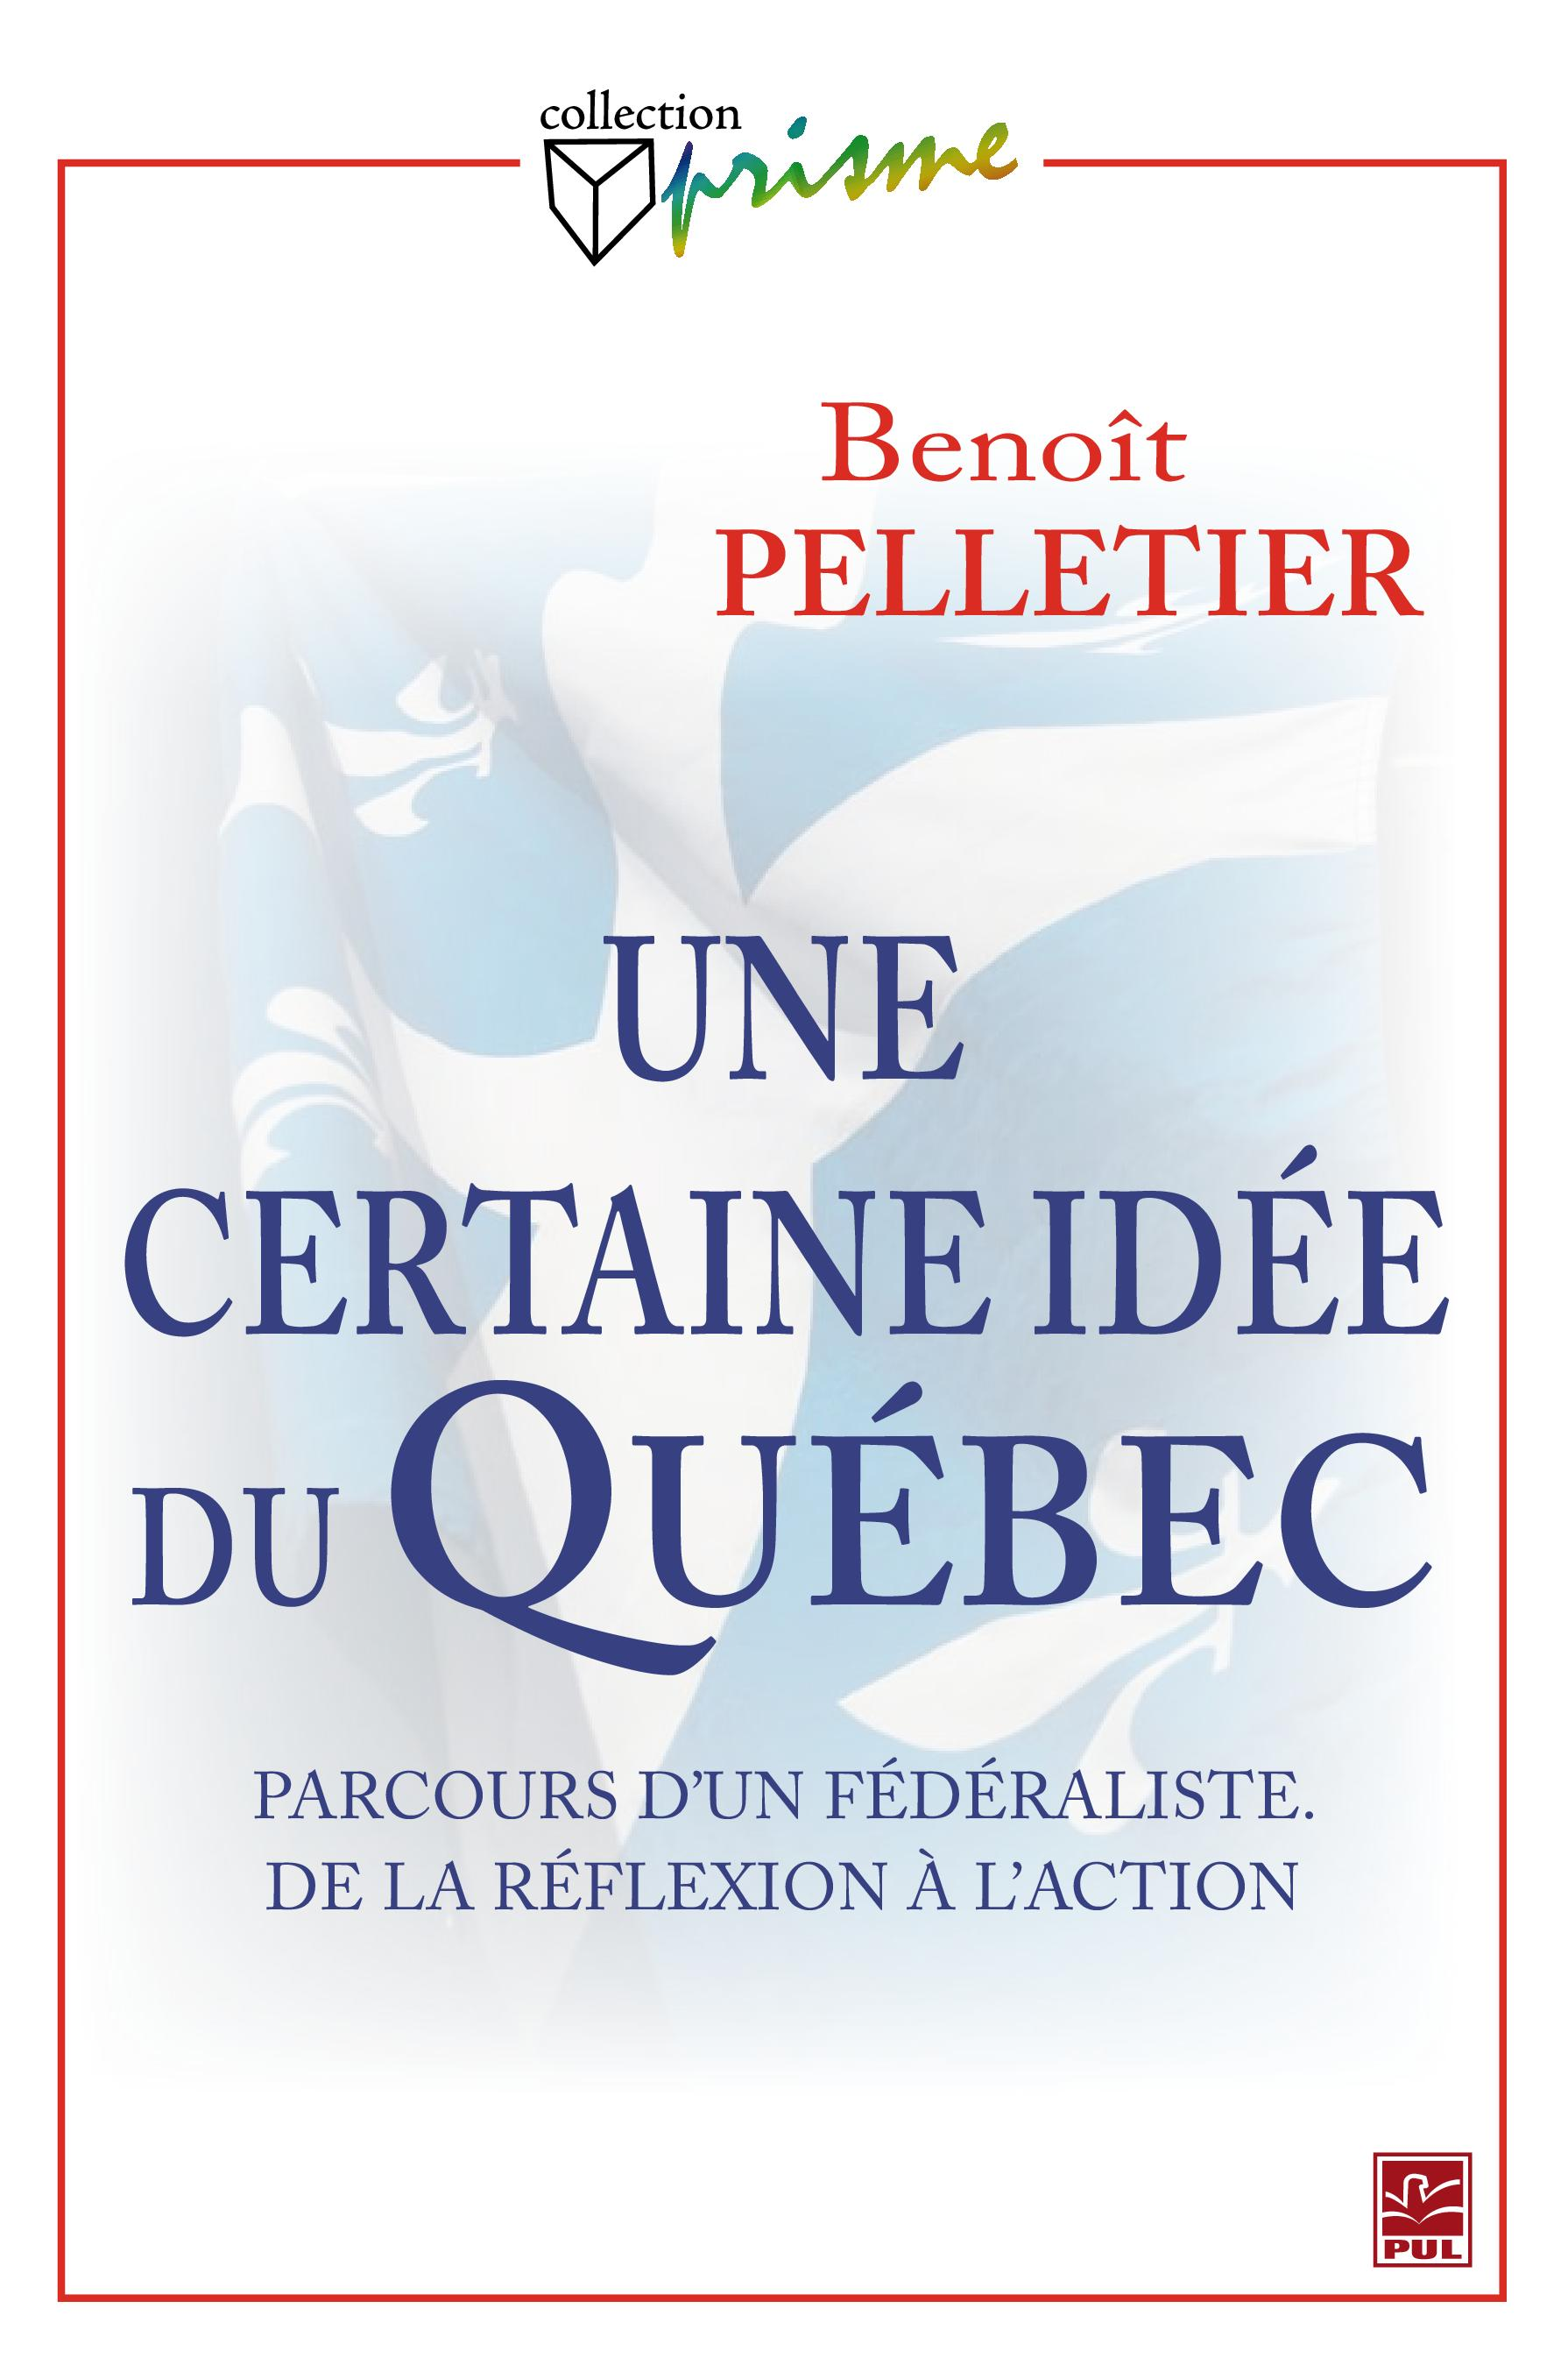 Couverture : Une certaine idée du Québec Benoît Pelletier